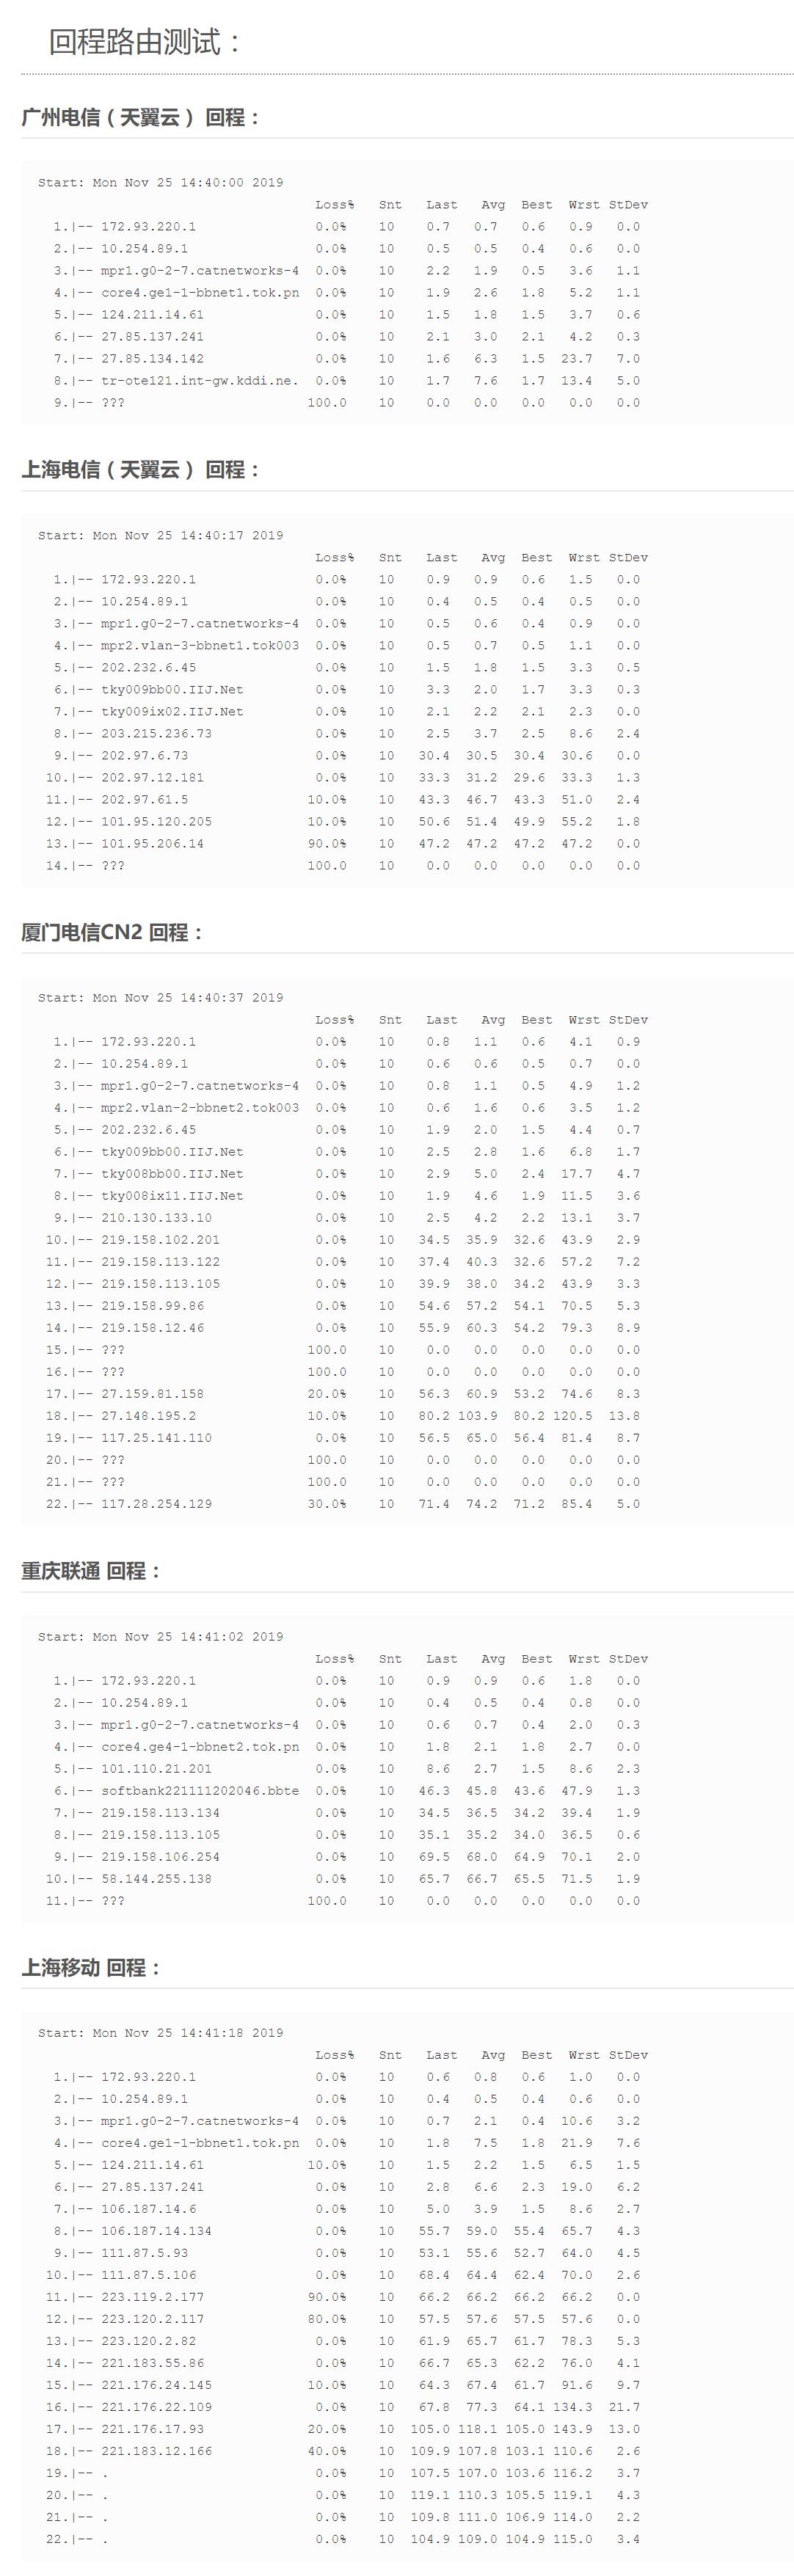 2019黑五优惠GreenCloudVPS日本大盘鸡 28刀 脚本测试 路由测试 仅供参考-高岸姬